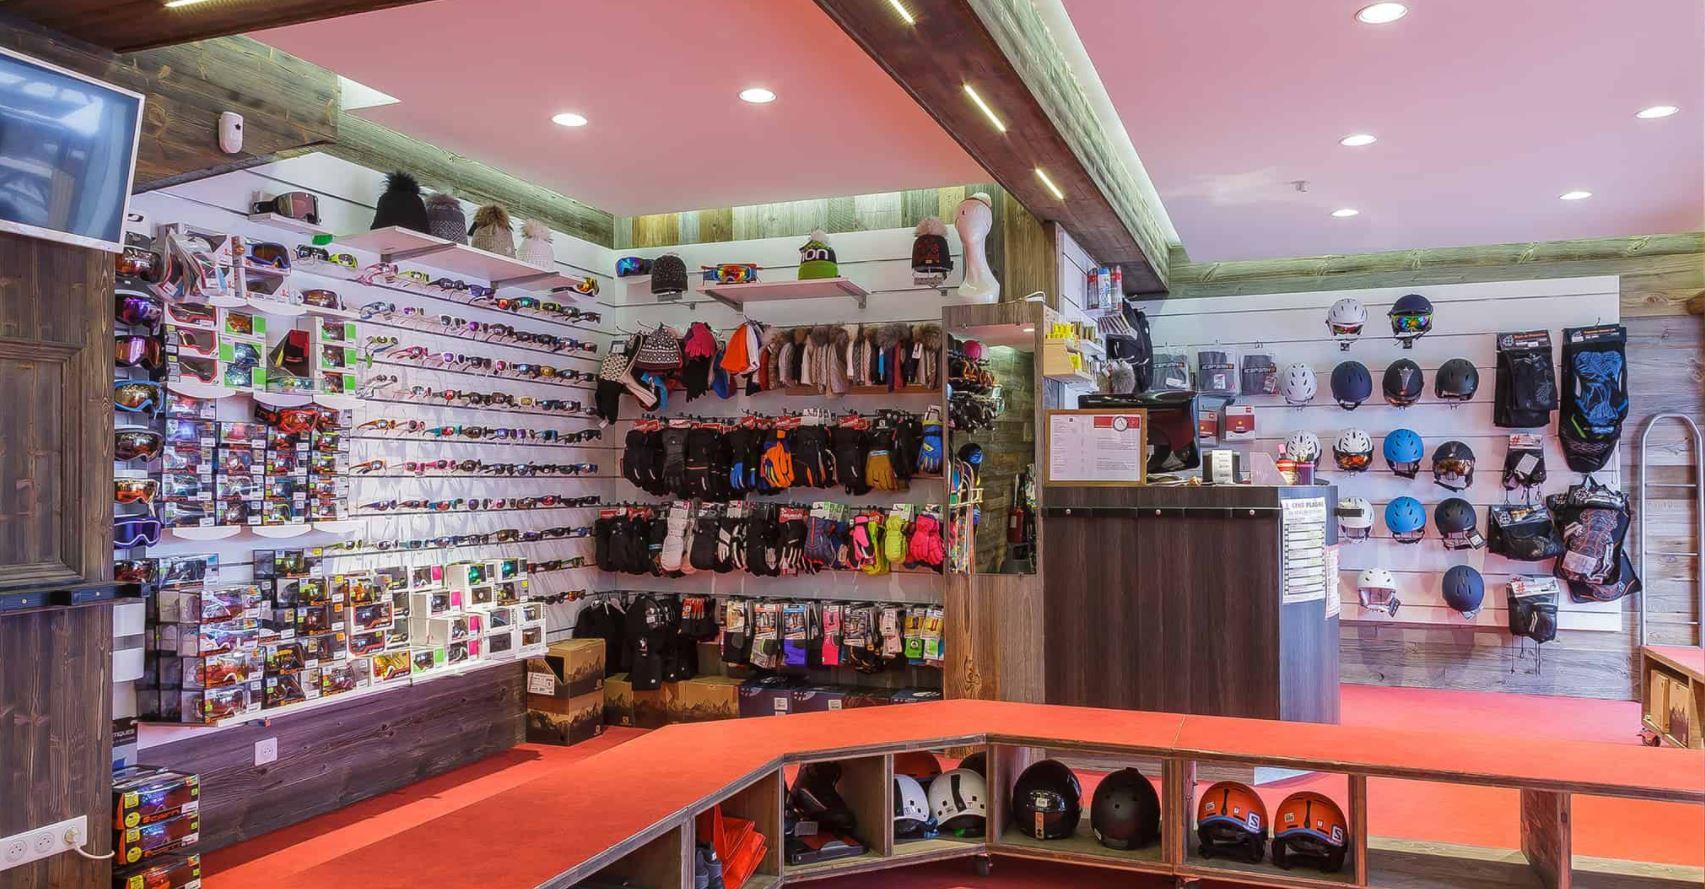 The ski hire shop at Les Balcons de Belle Plagne